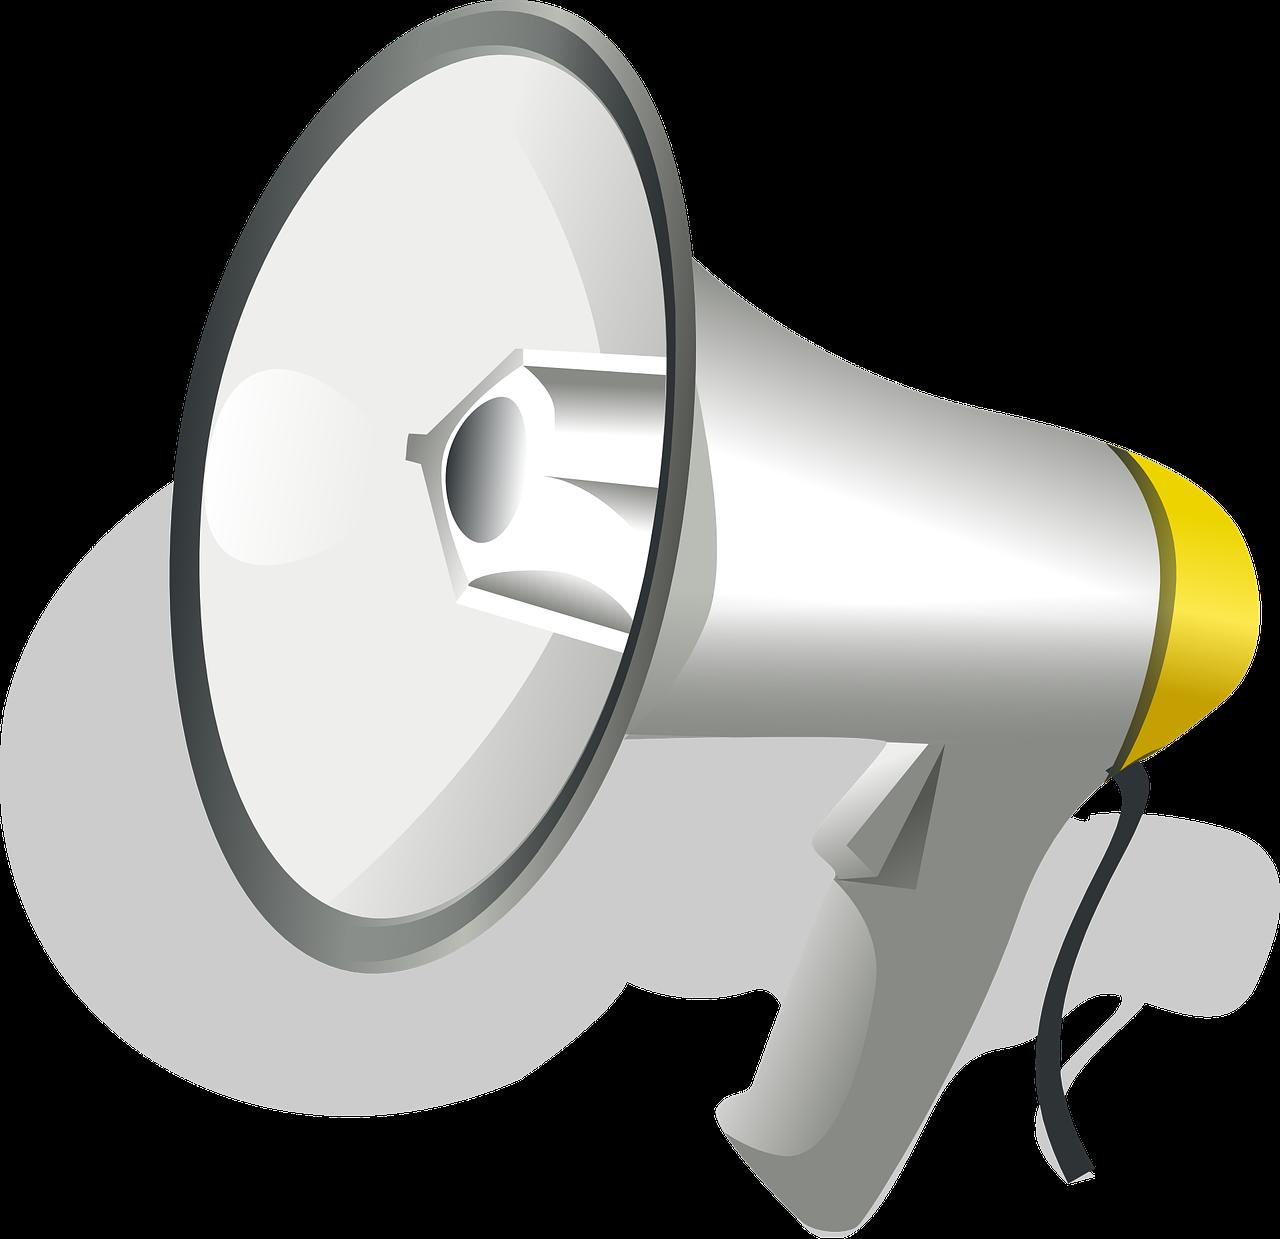 Horn clipart speaker phone. Loudspeaker speakerphone clip art